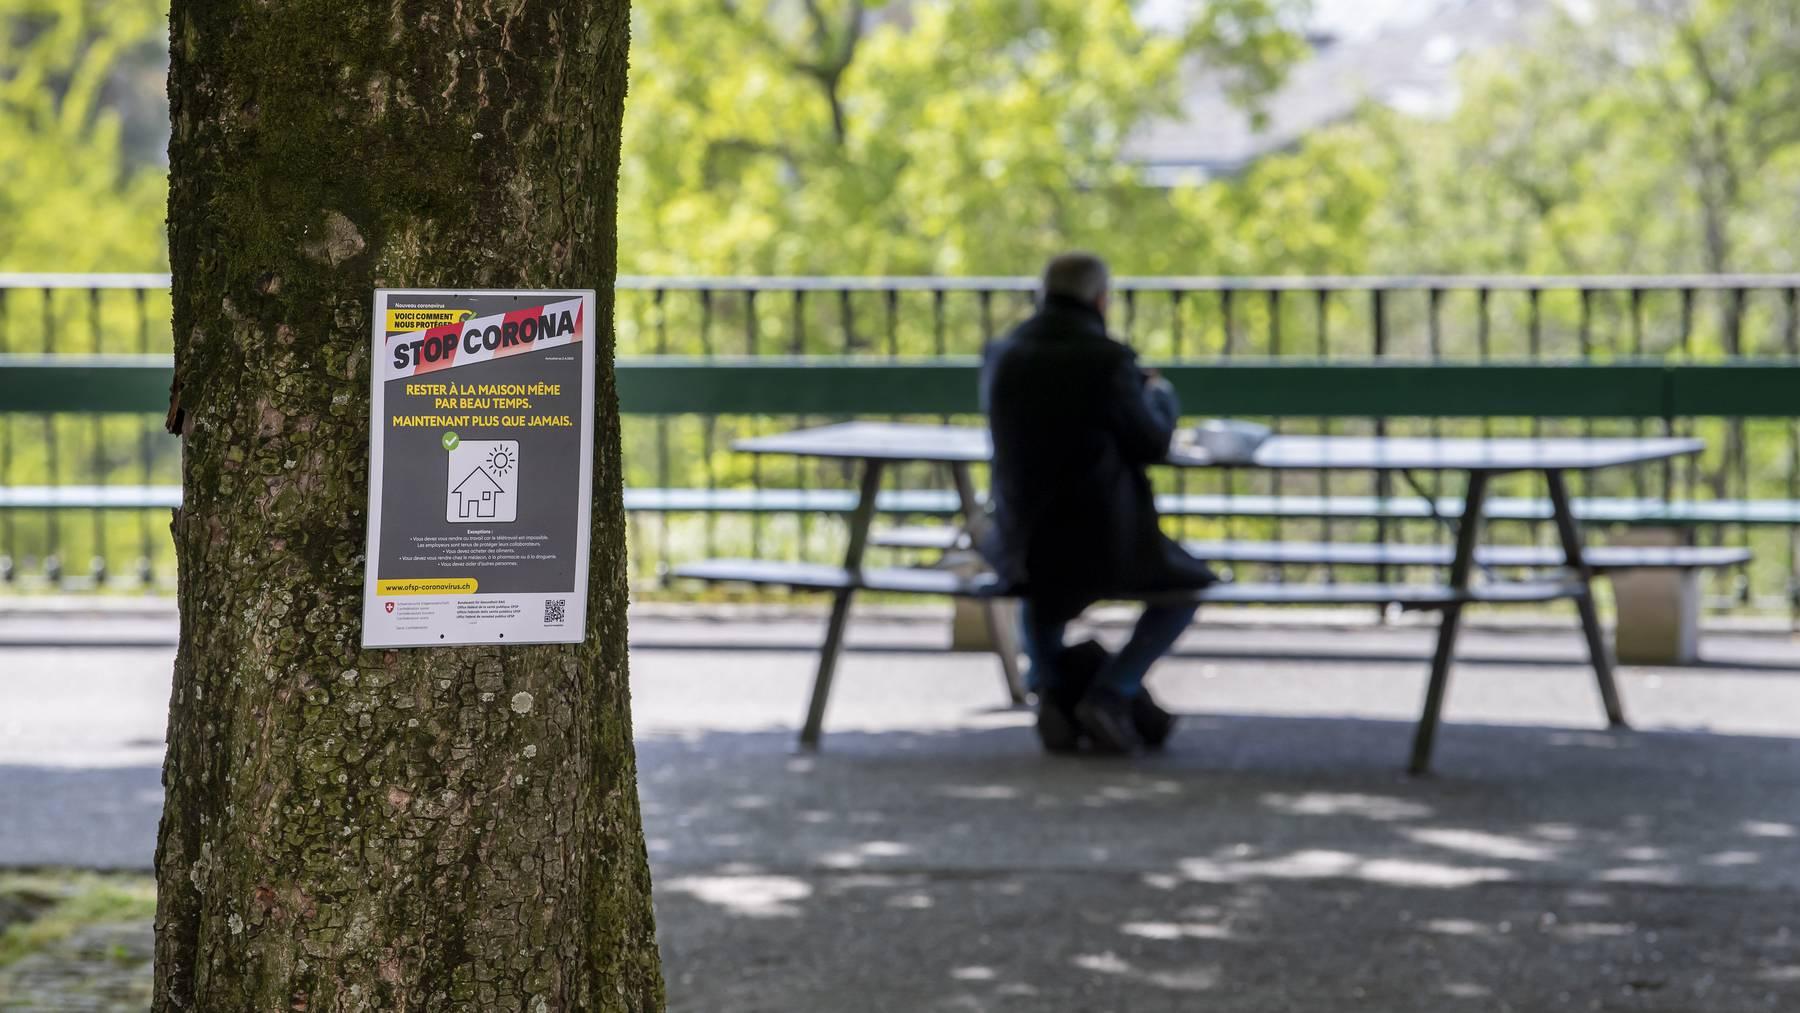 Genf kehrt zurück zur Fünf-Personen-Regel. Öffentliche sowie private Ansammlungen von mehr als fünf Personen sind verboten. (Symbolbild)